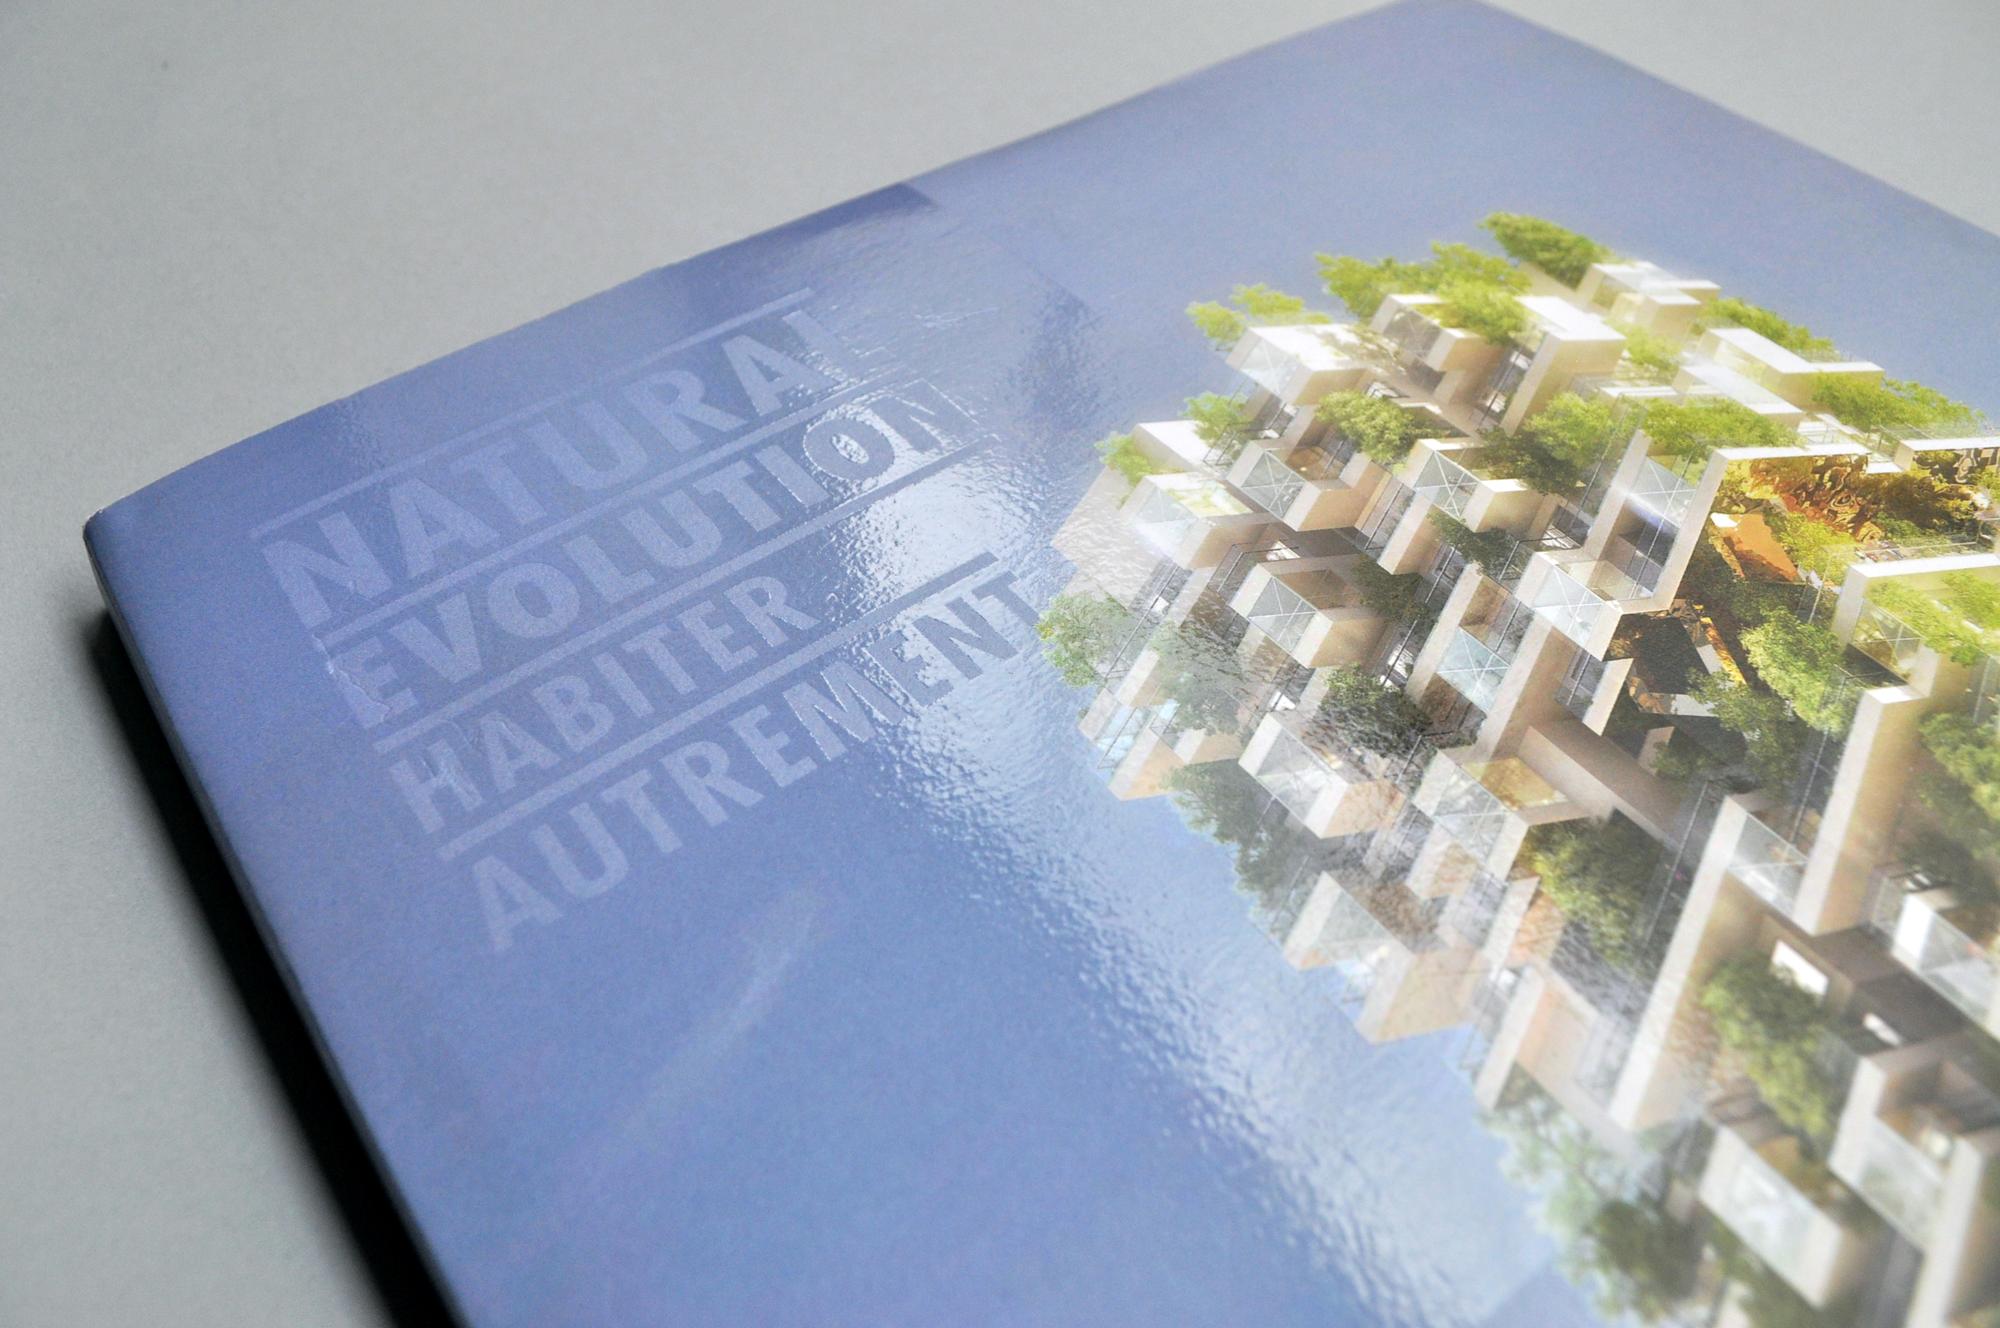 édition Natural Évolution pour BNP Paribas